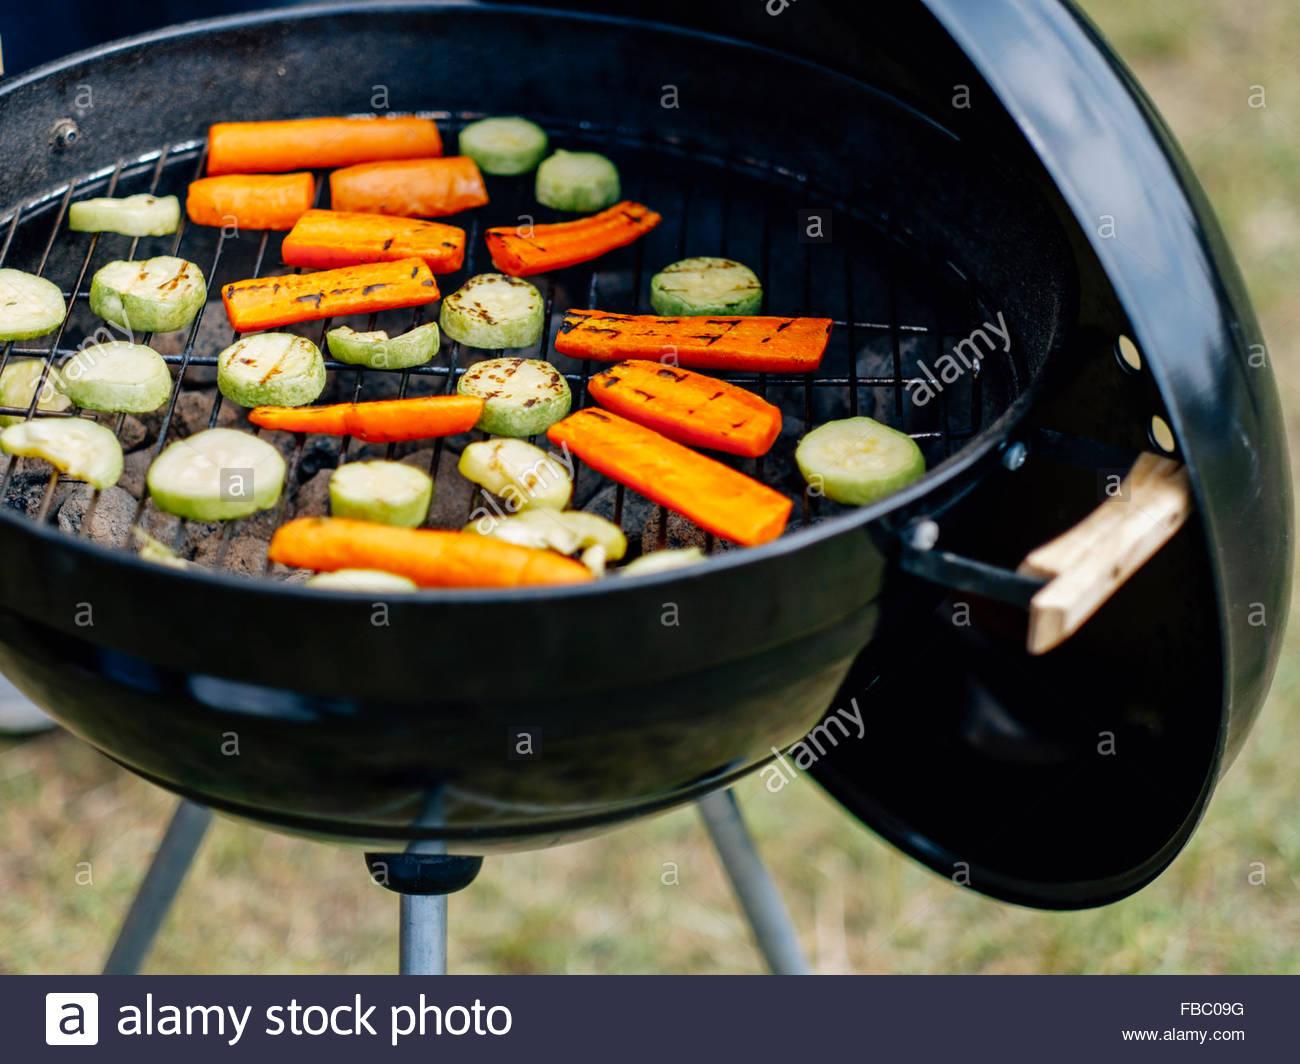 Grill ouvert plein de carottes et courgettes Photo Stock